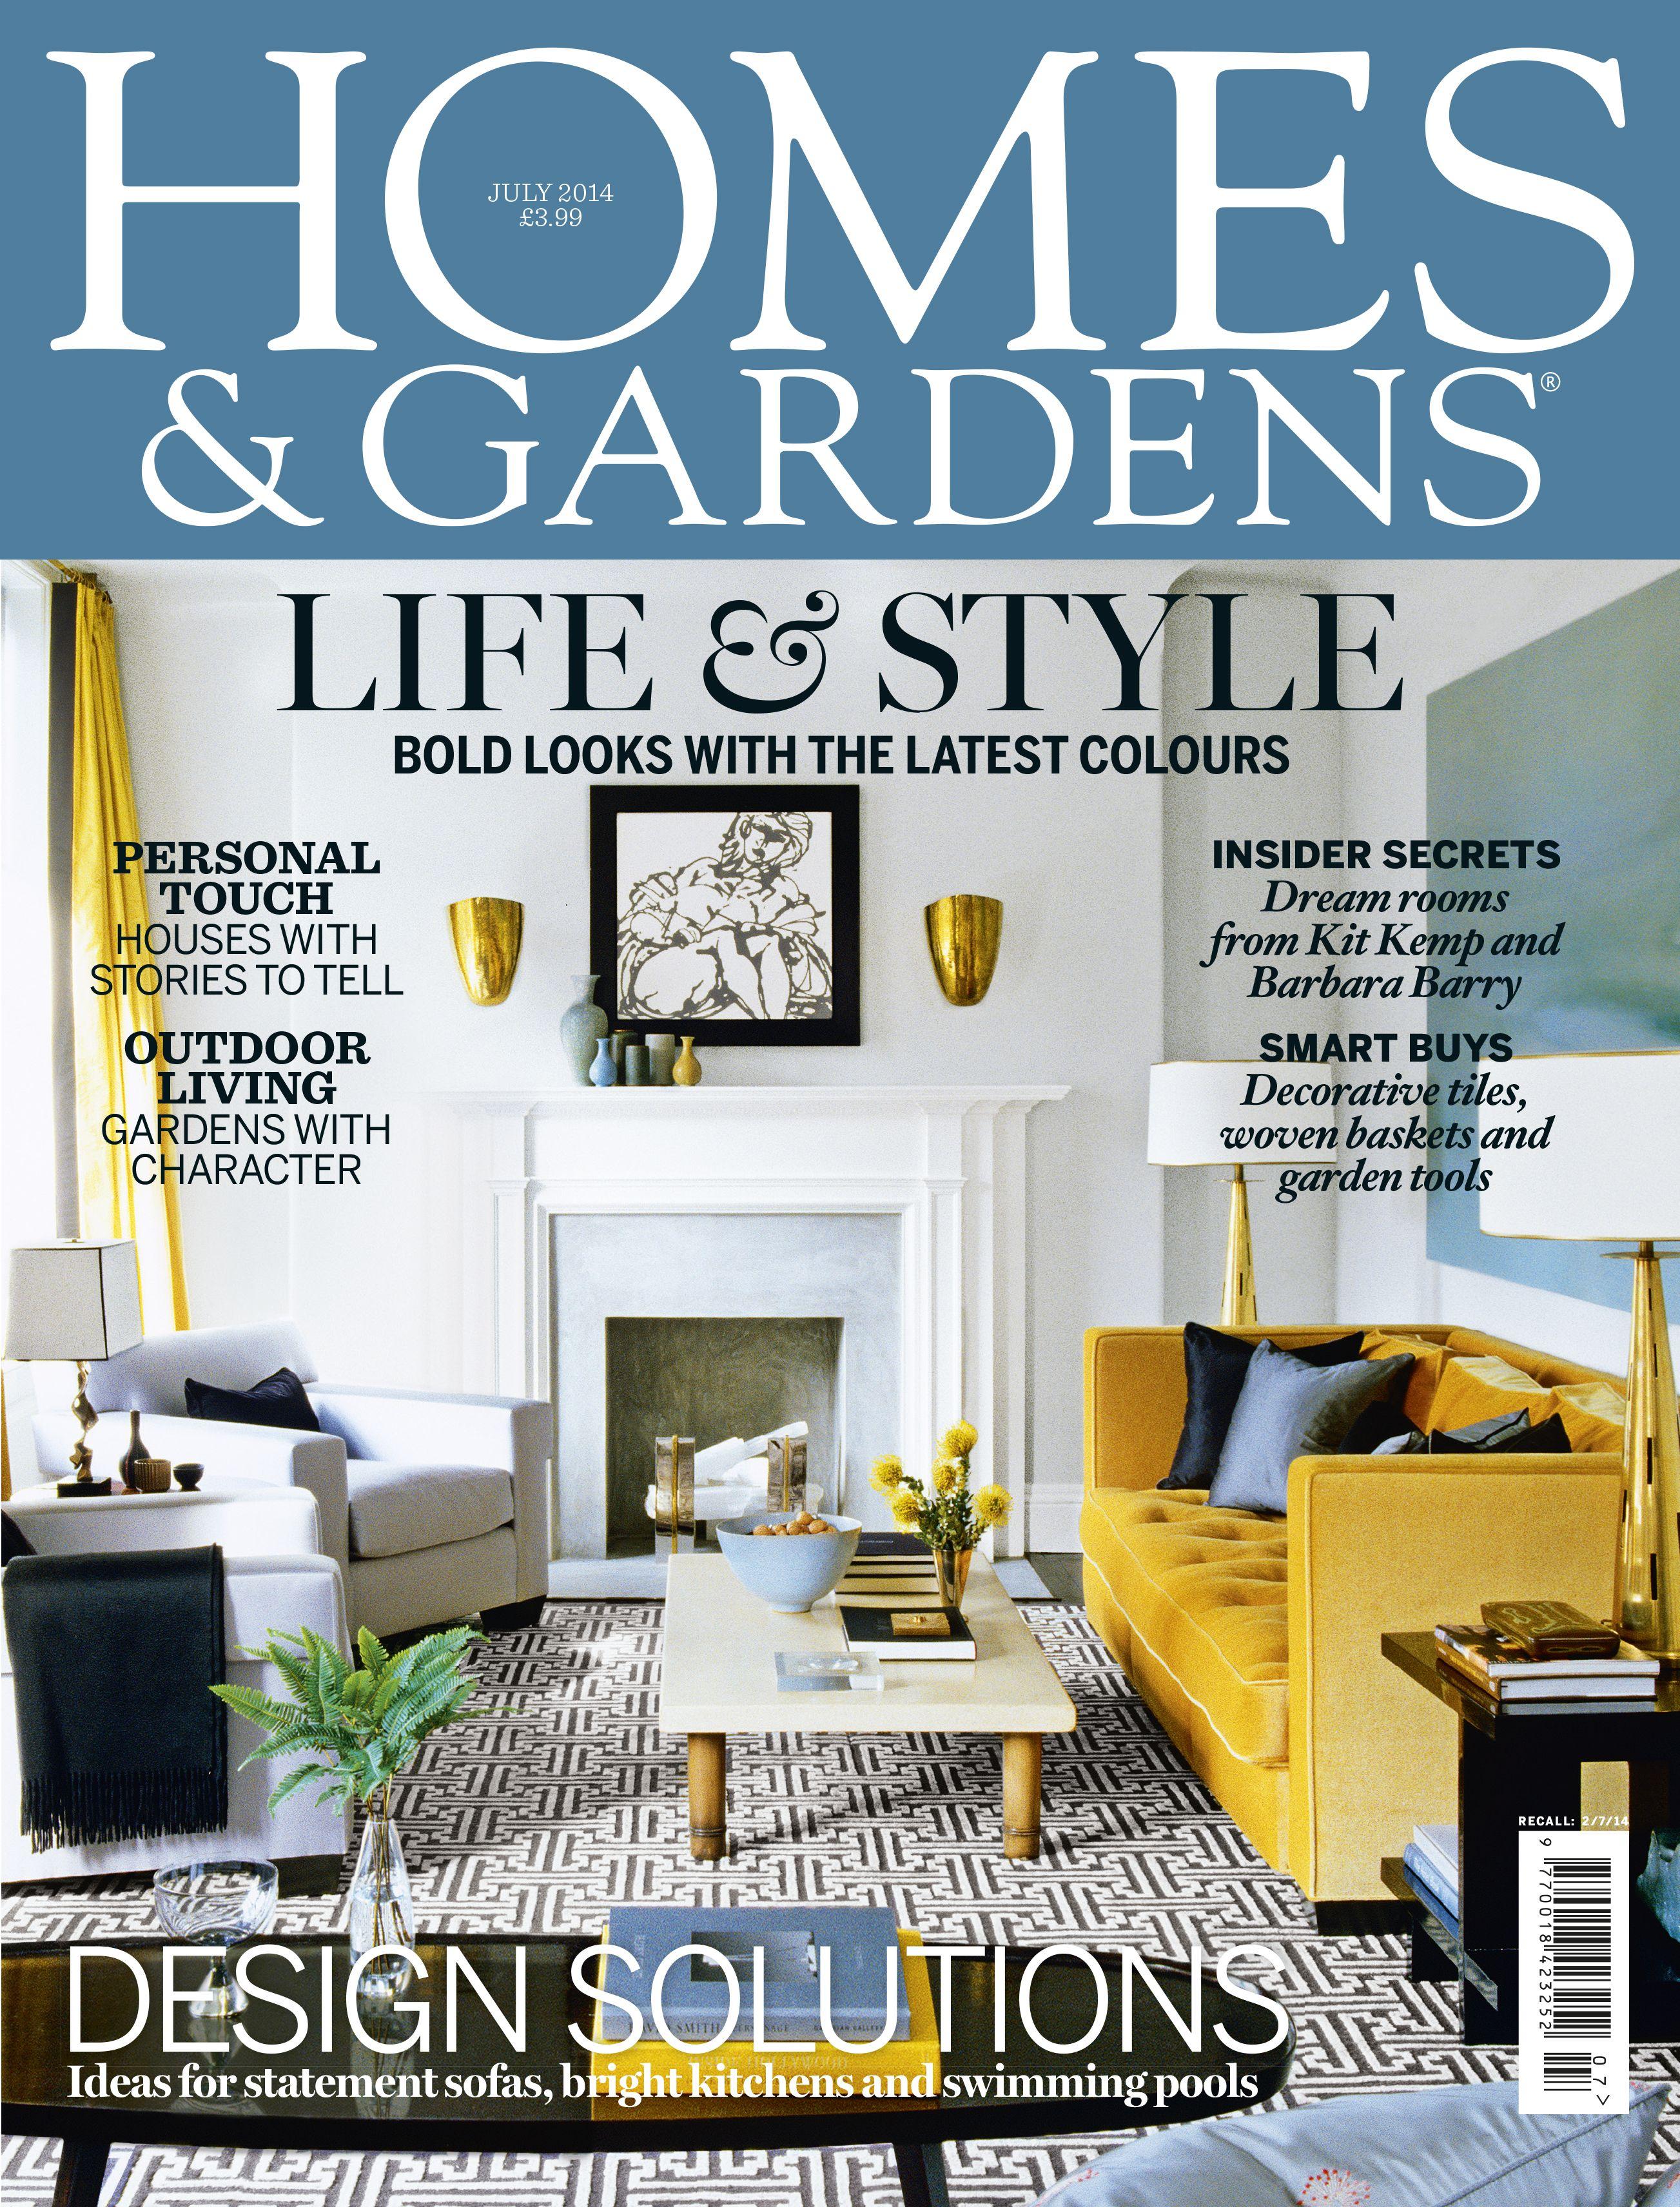 c35222588abccb13a14b80ca367ce4de - Better Homes And Gardens Magazine July 2014